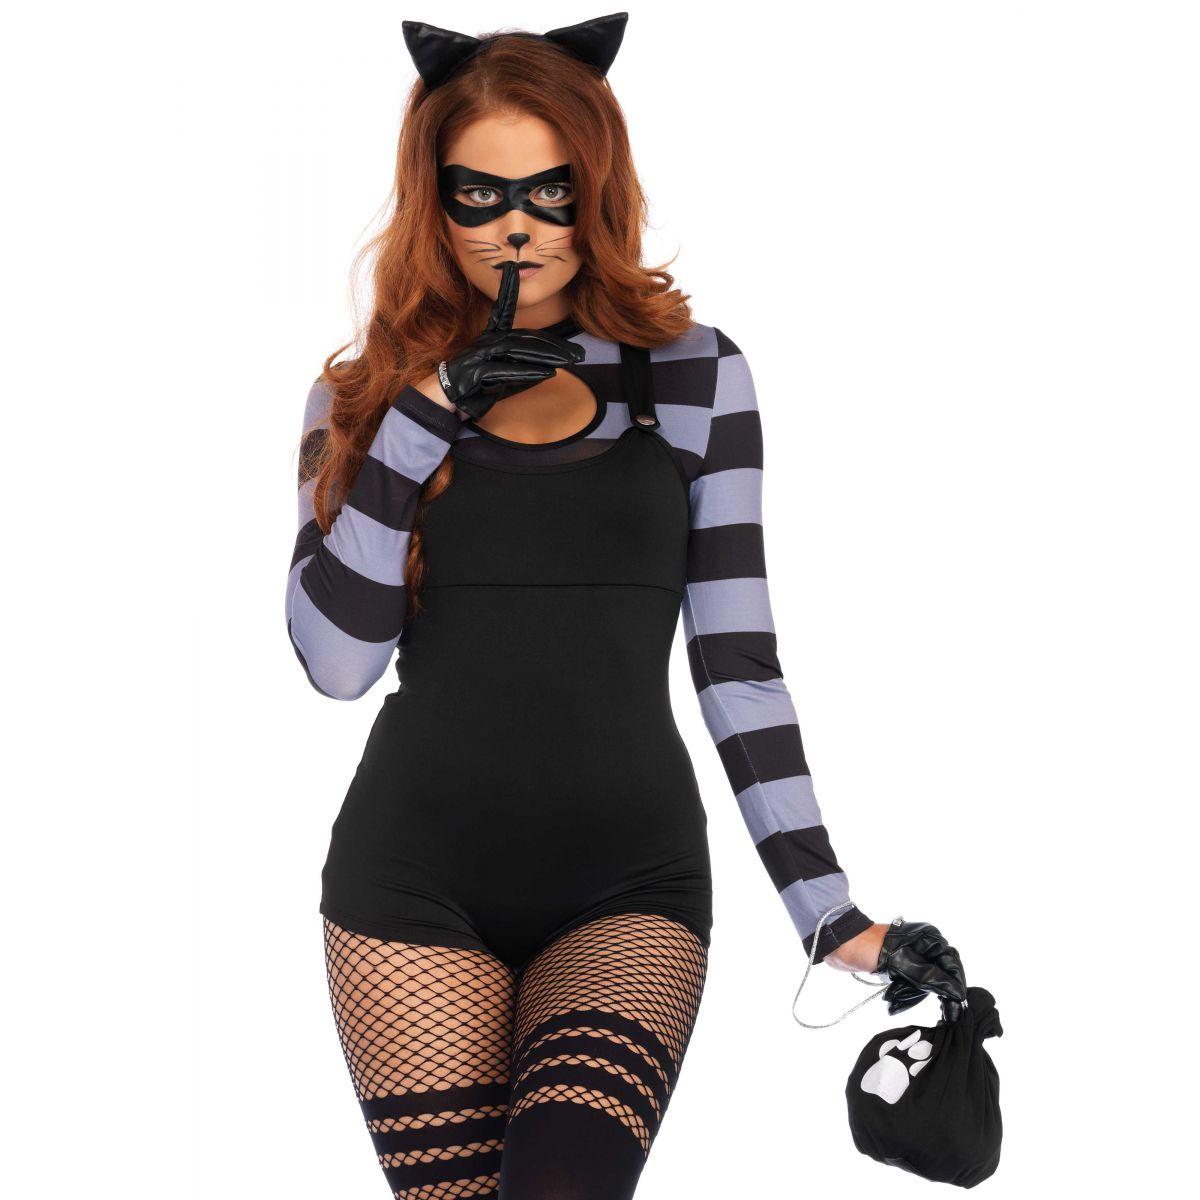 Disfraz de Leg Avenue de gatita sexy y ladrona de 4 piezas